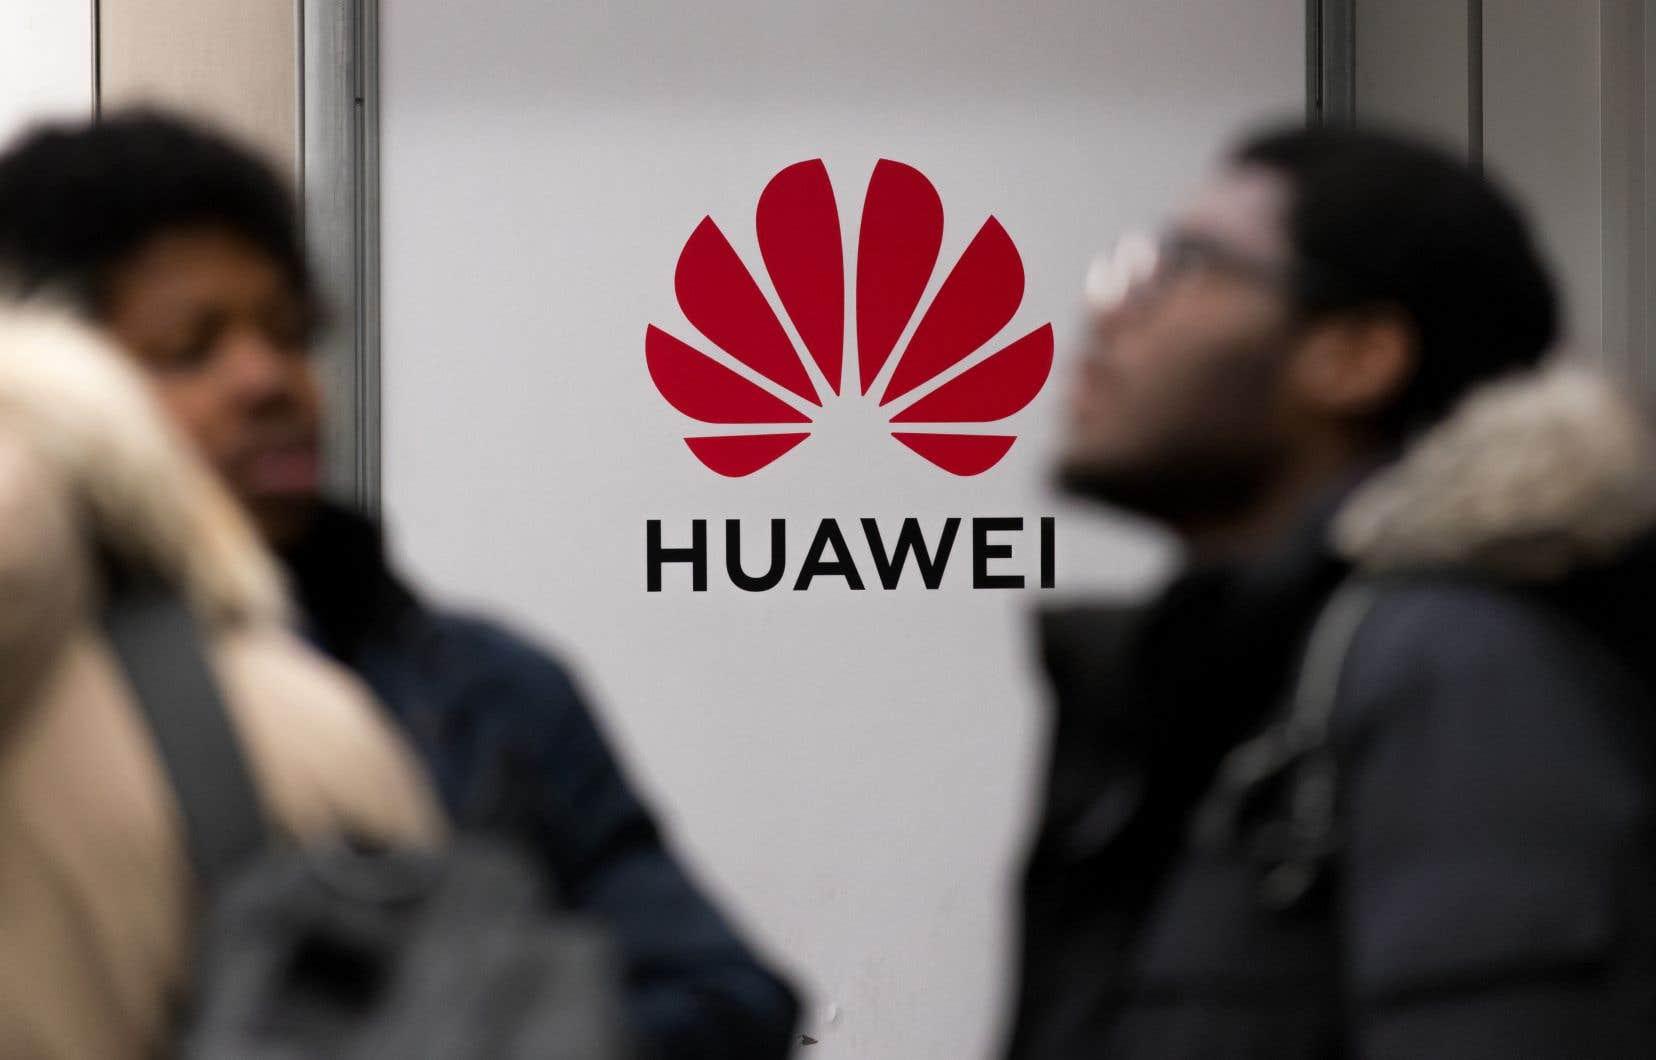 Huawei a pris une tête d'avance sur ses concurrents dans la nouvelle génération de technologie de télécommunications 5G.